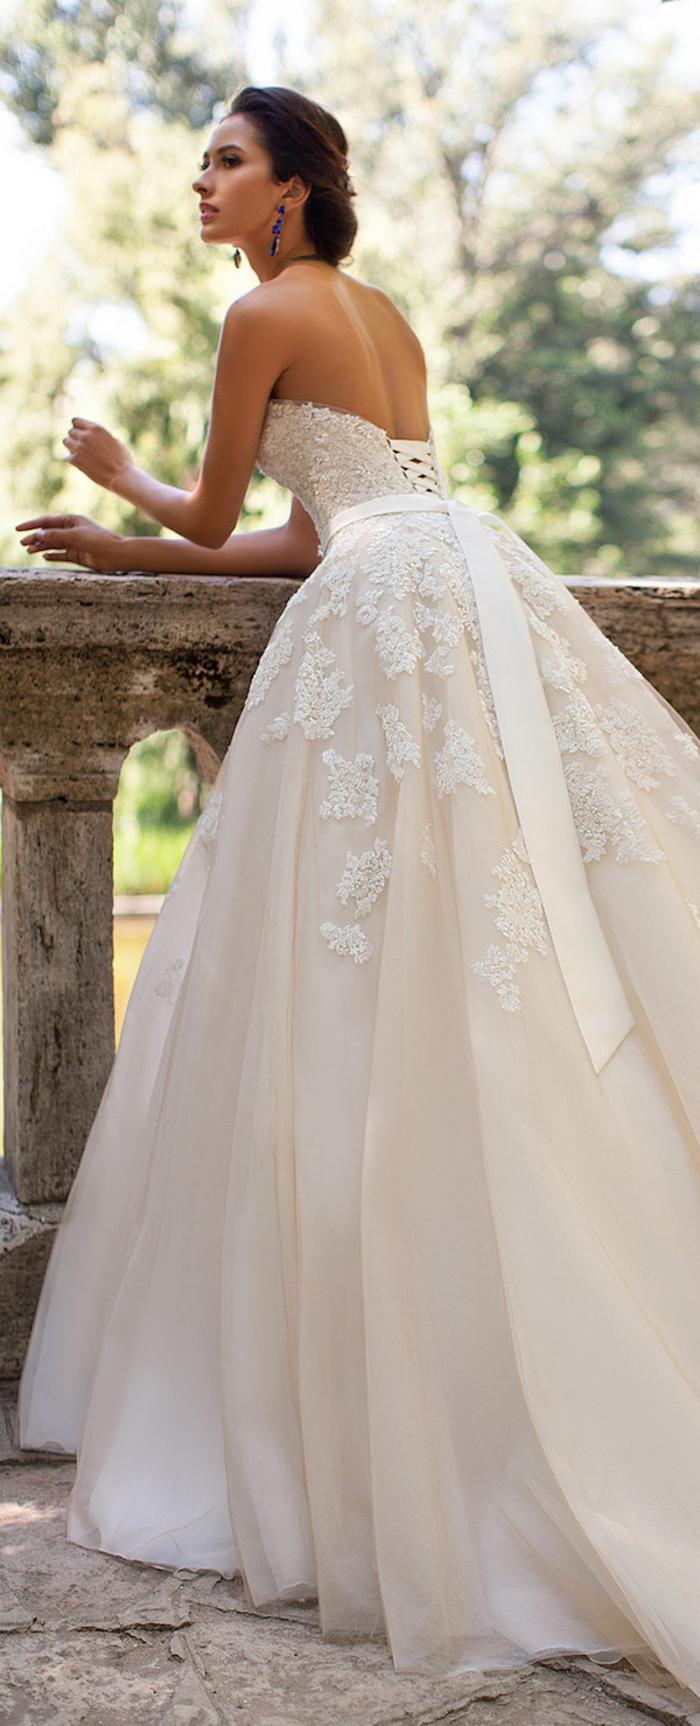 hermosos vestidos de novia en color blanco, larga falda con bordados de flores, vestido con espalda descubierta